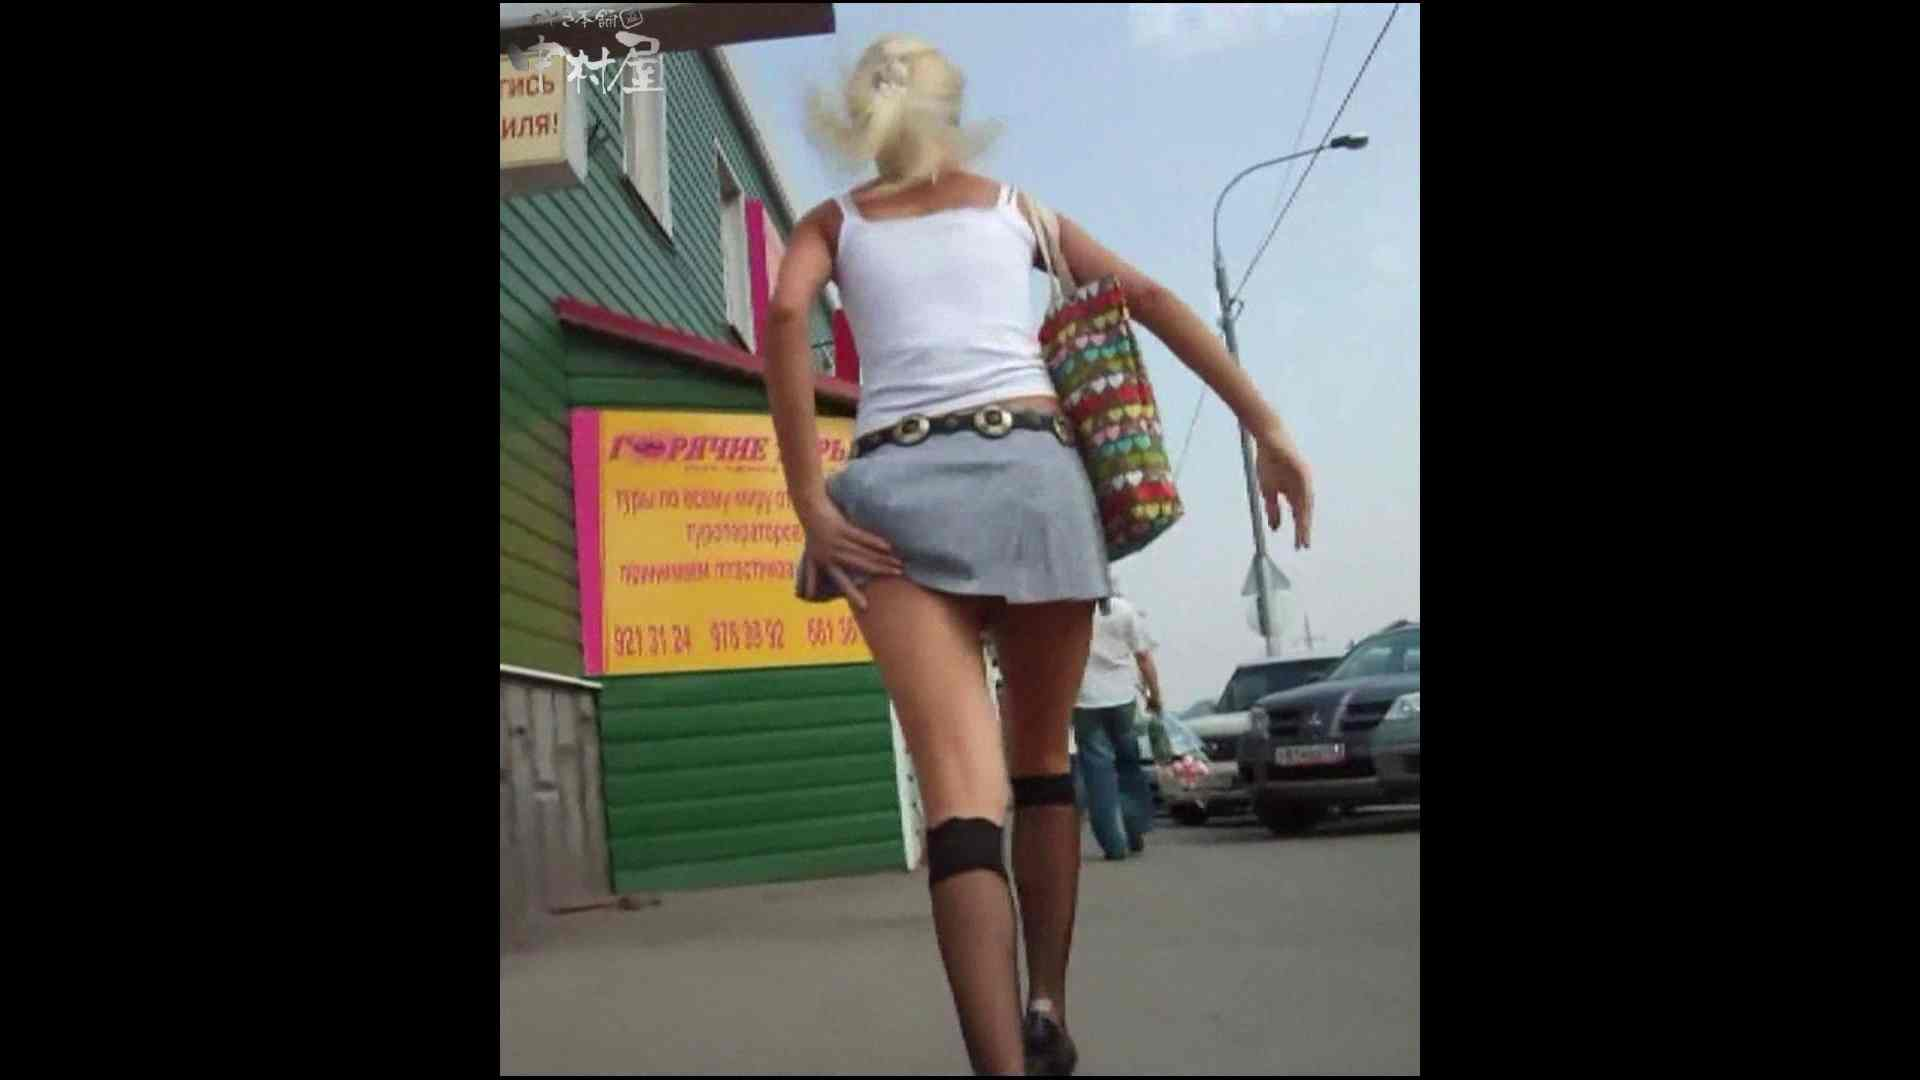 綺麗なモデルさんのスカート捲っちゃおう‼ vol25 お姉さん  62連発 30